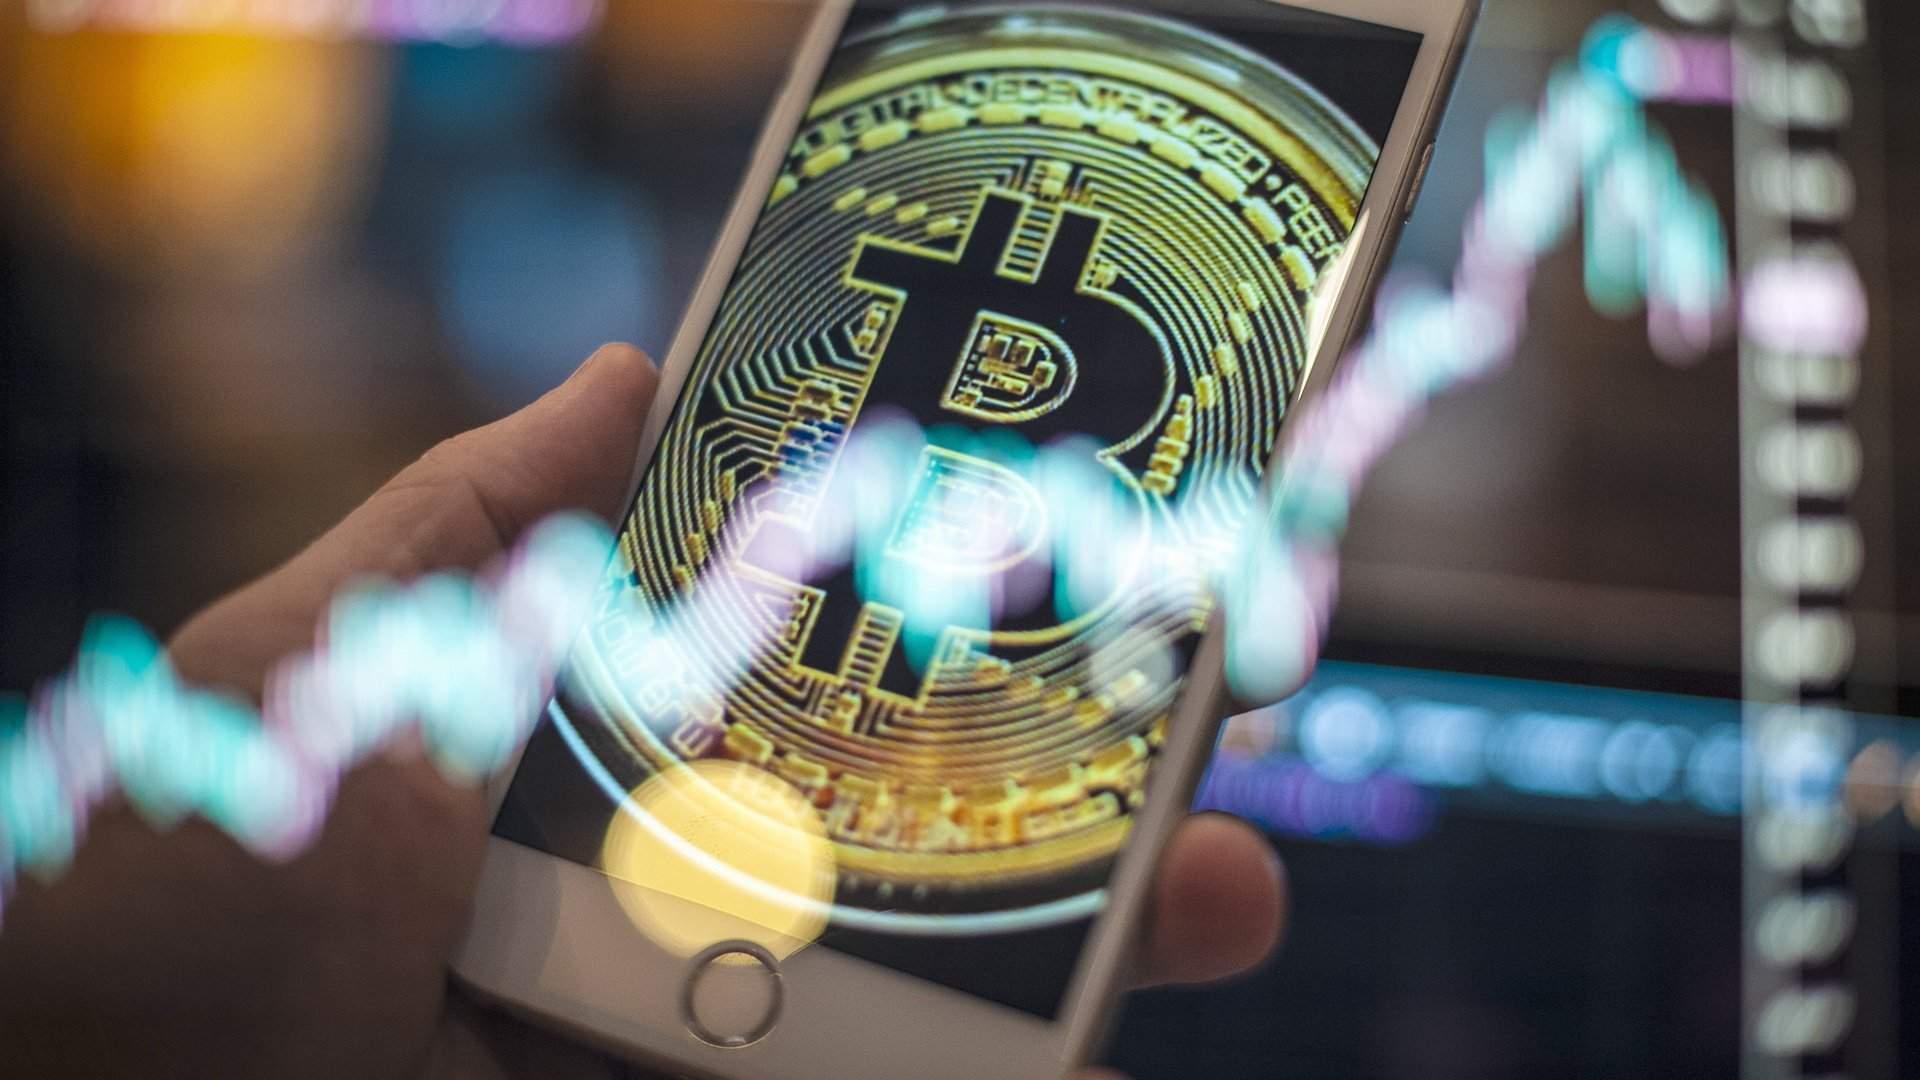 Ставит на бирже биткоины охота на работу 2019 смотреть онлайн 720 hd